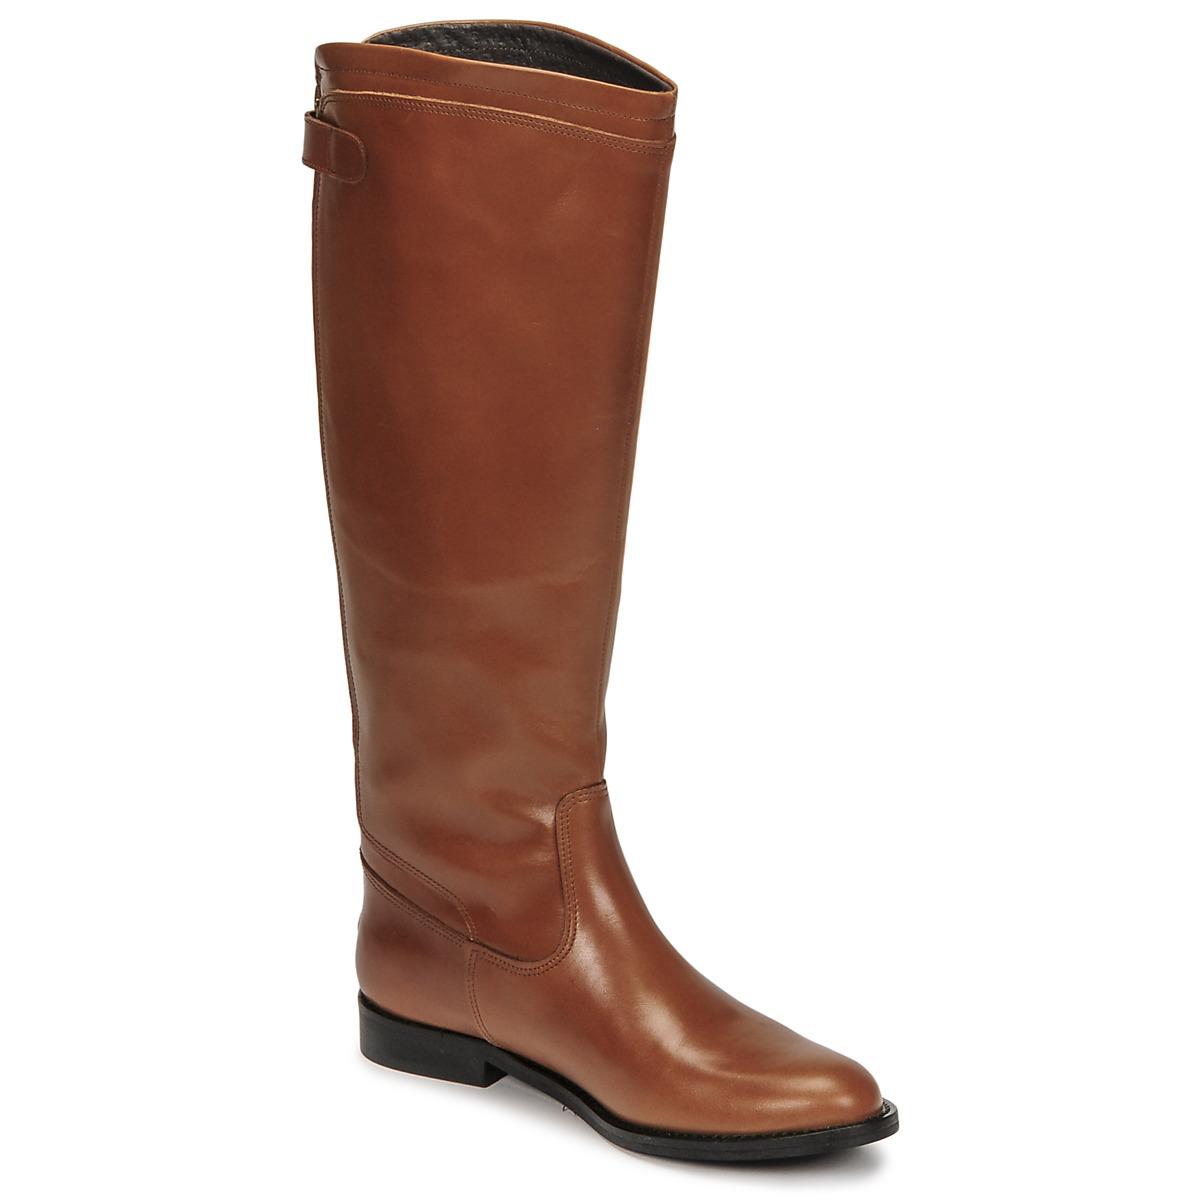 Jonak BATURINGI Cognac , Livraison Gratuite avec Spartoo.com ! , Chaussures Botte ville Femme 195,00 \u20ac